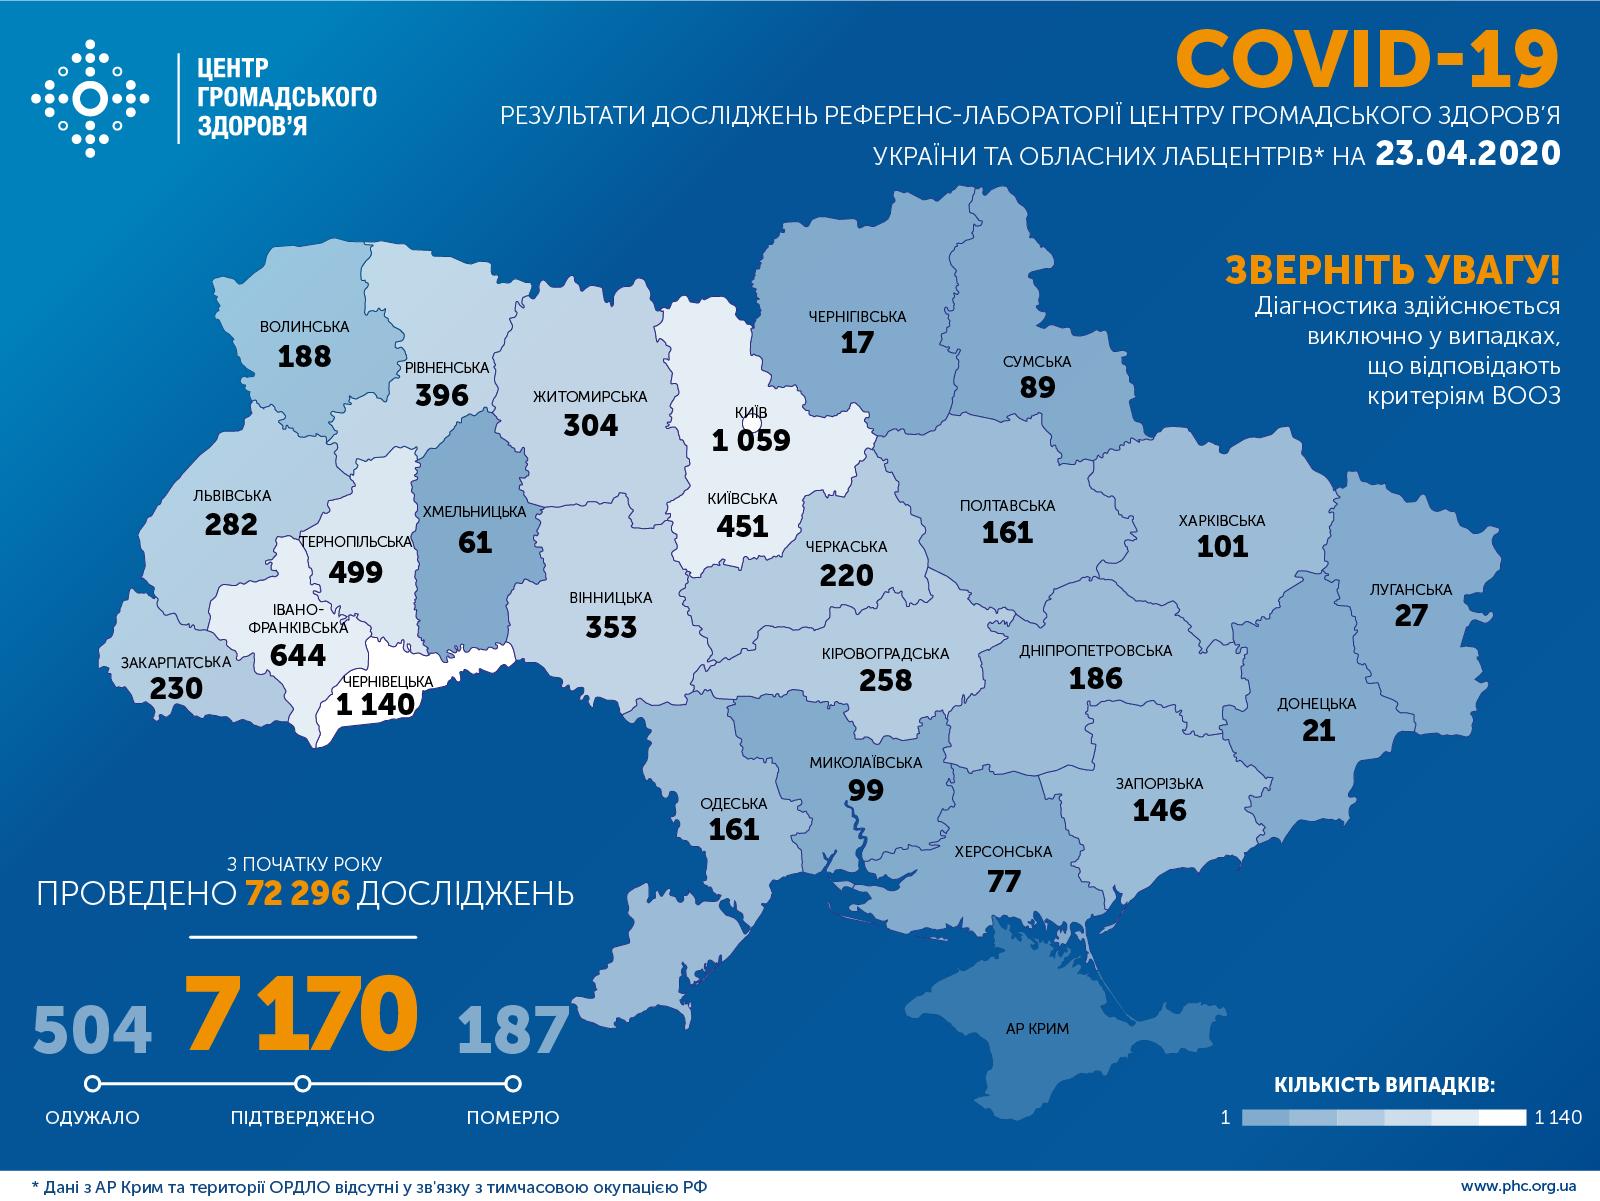 Коронавирус в Украине и мире: что известно на 23 апреля